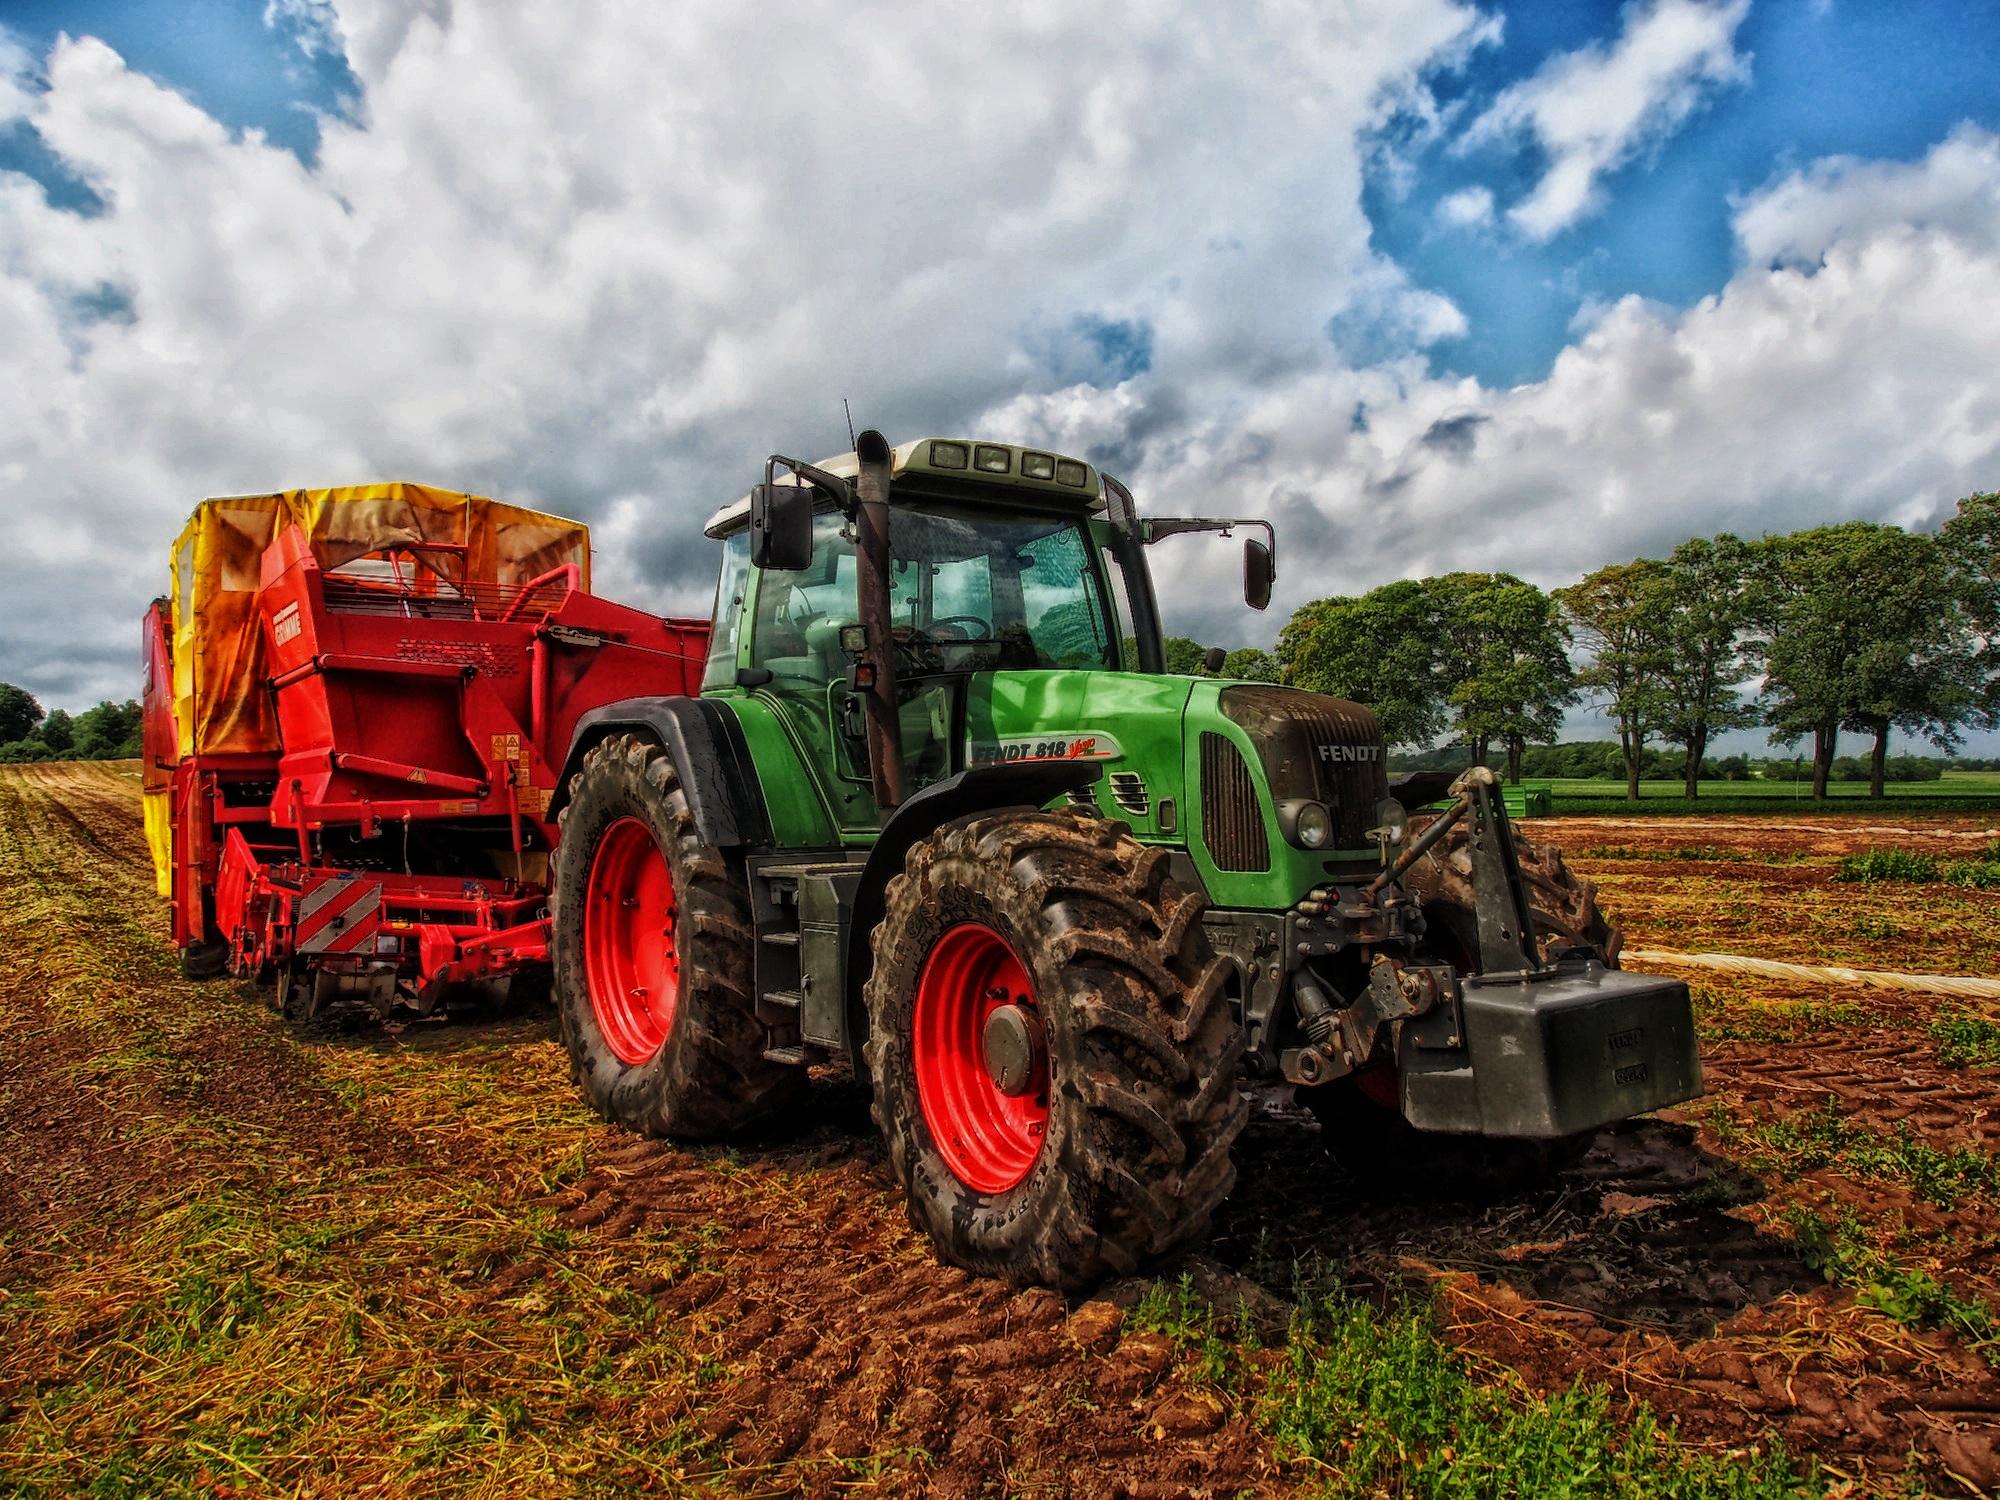 Картинки сельскохозяйственные машины, открытках подруге пожелания